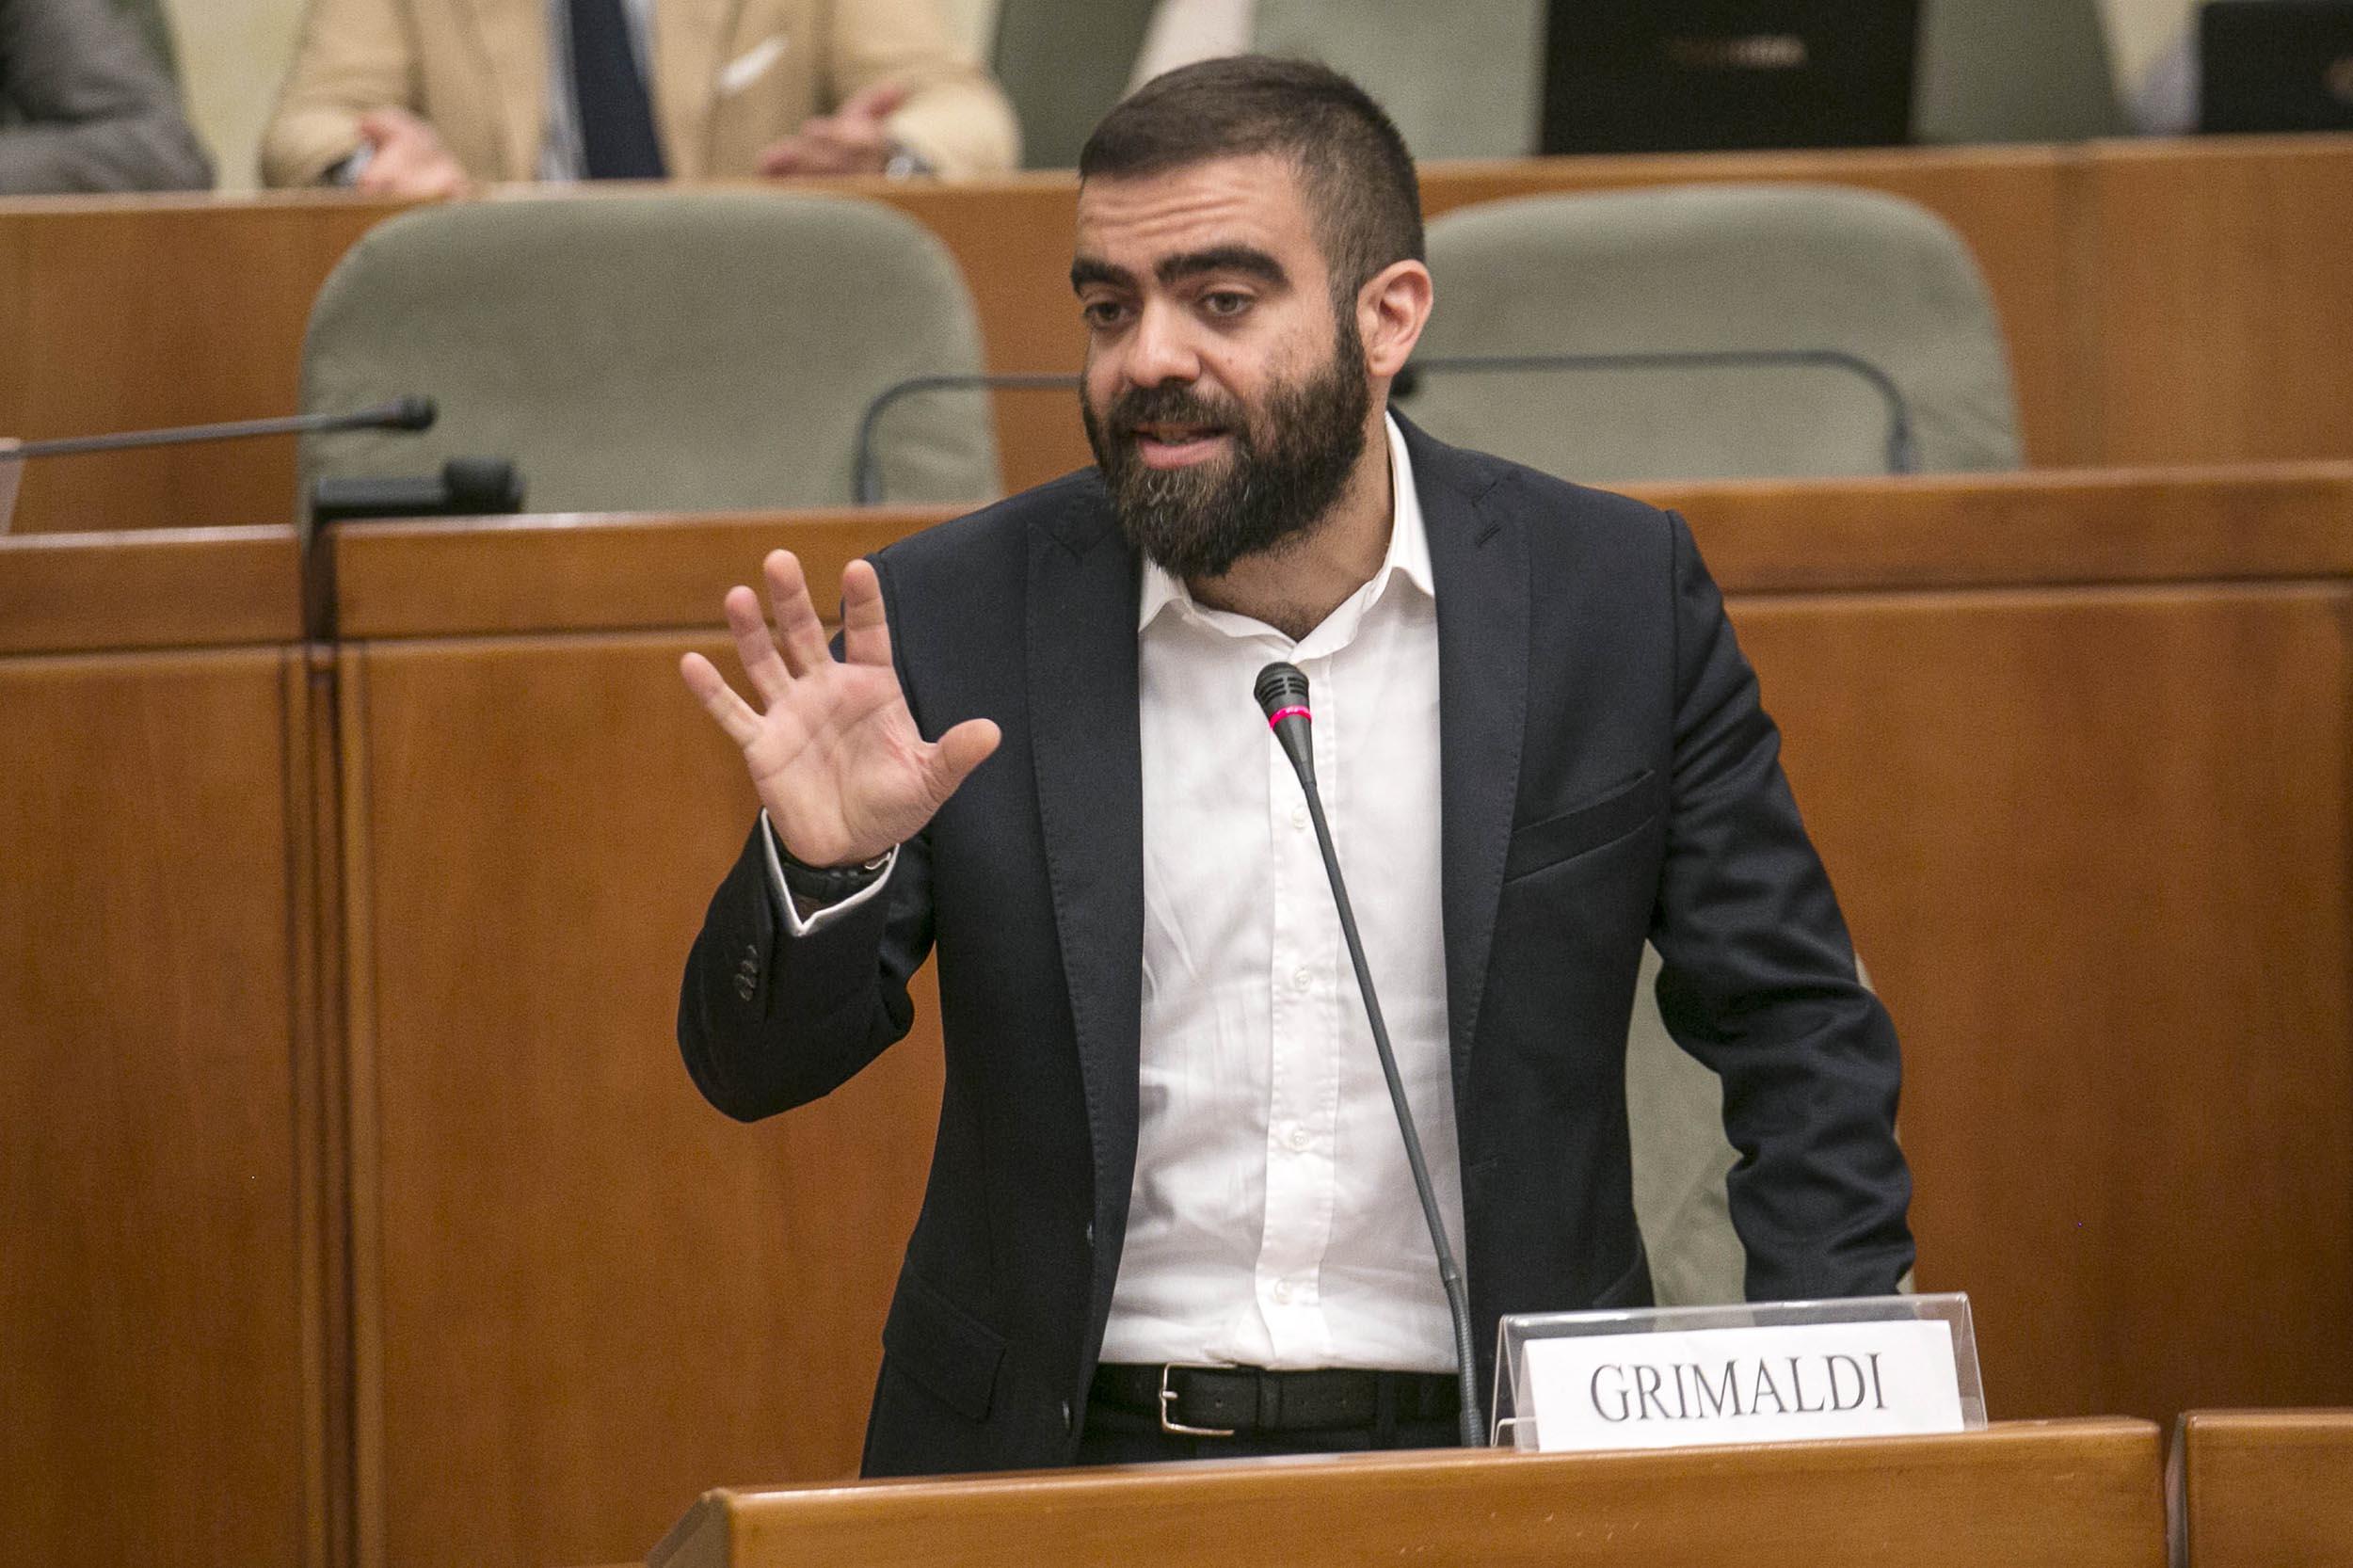 11/07/2017 Aula del Consiglio regionale - X LEGISLSTURA - Grimaldi